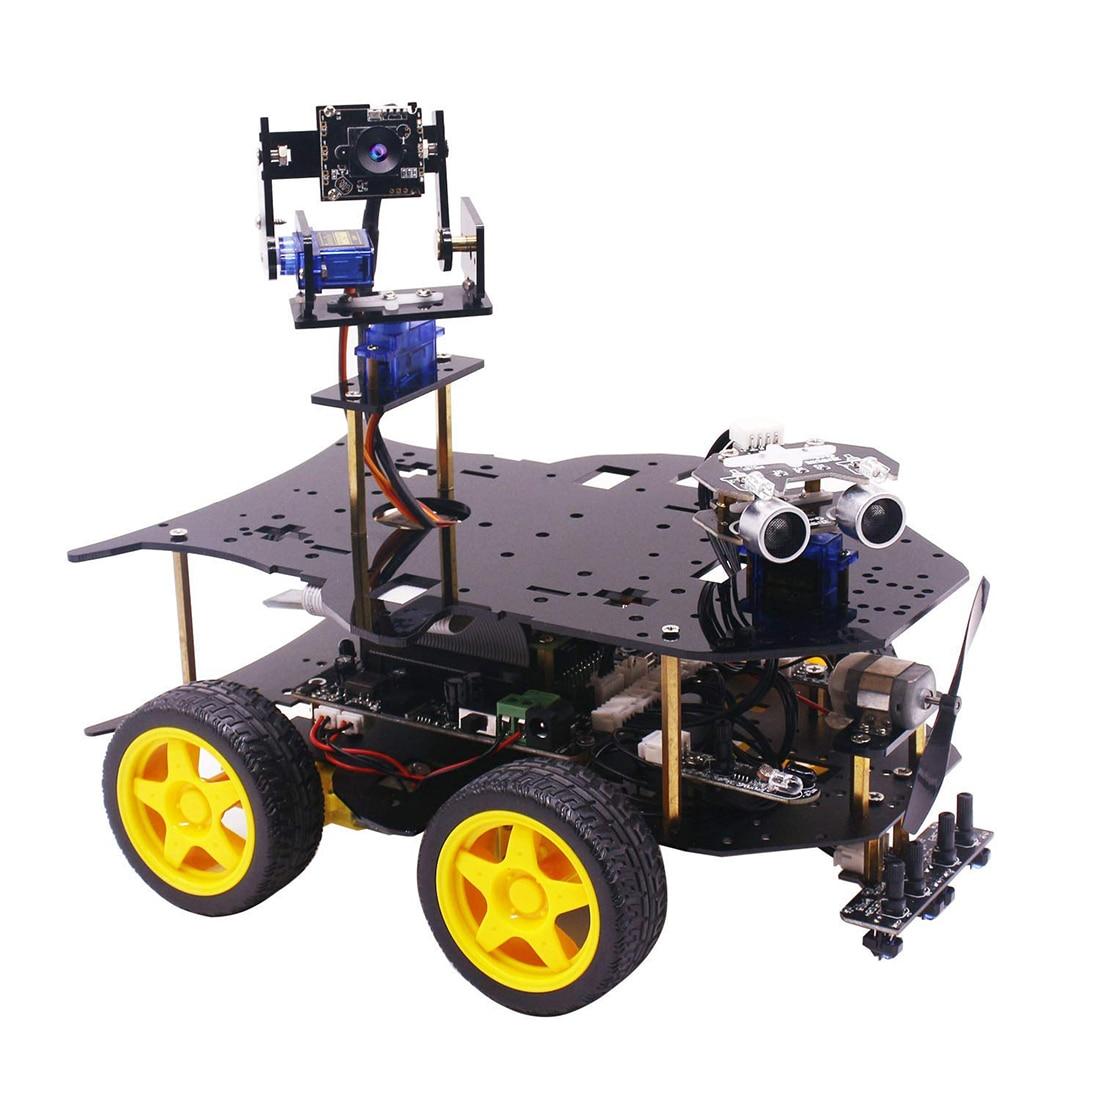 في نهاية المطاف كاتب عدة ل التوت بي HD كاميرا للبرمجة الذكية سيارة روبوت عدة مع 4WD لعبة للمراهقين (بدون: التوت بي)